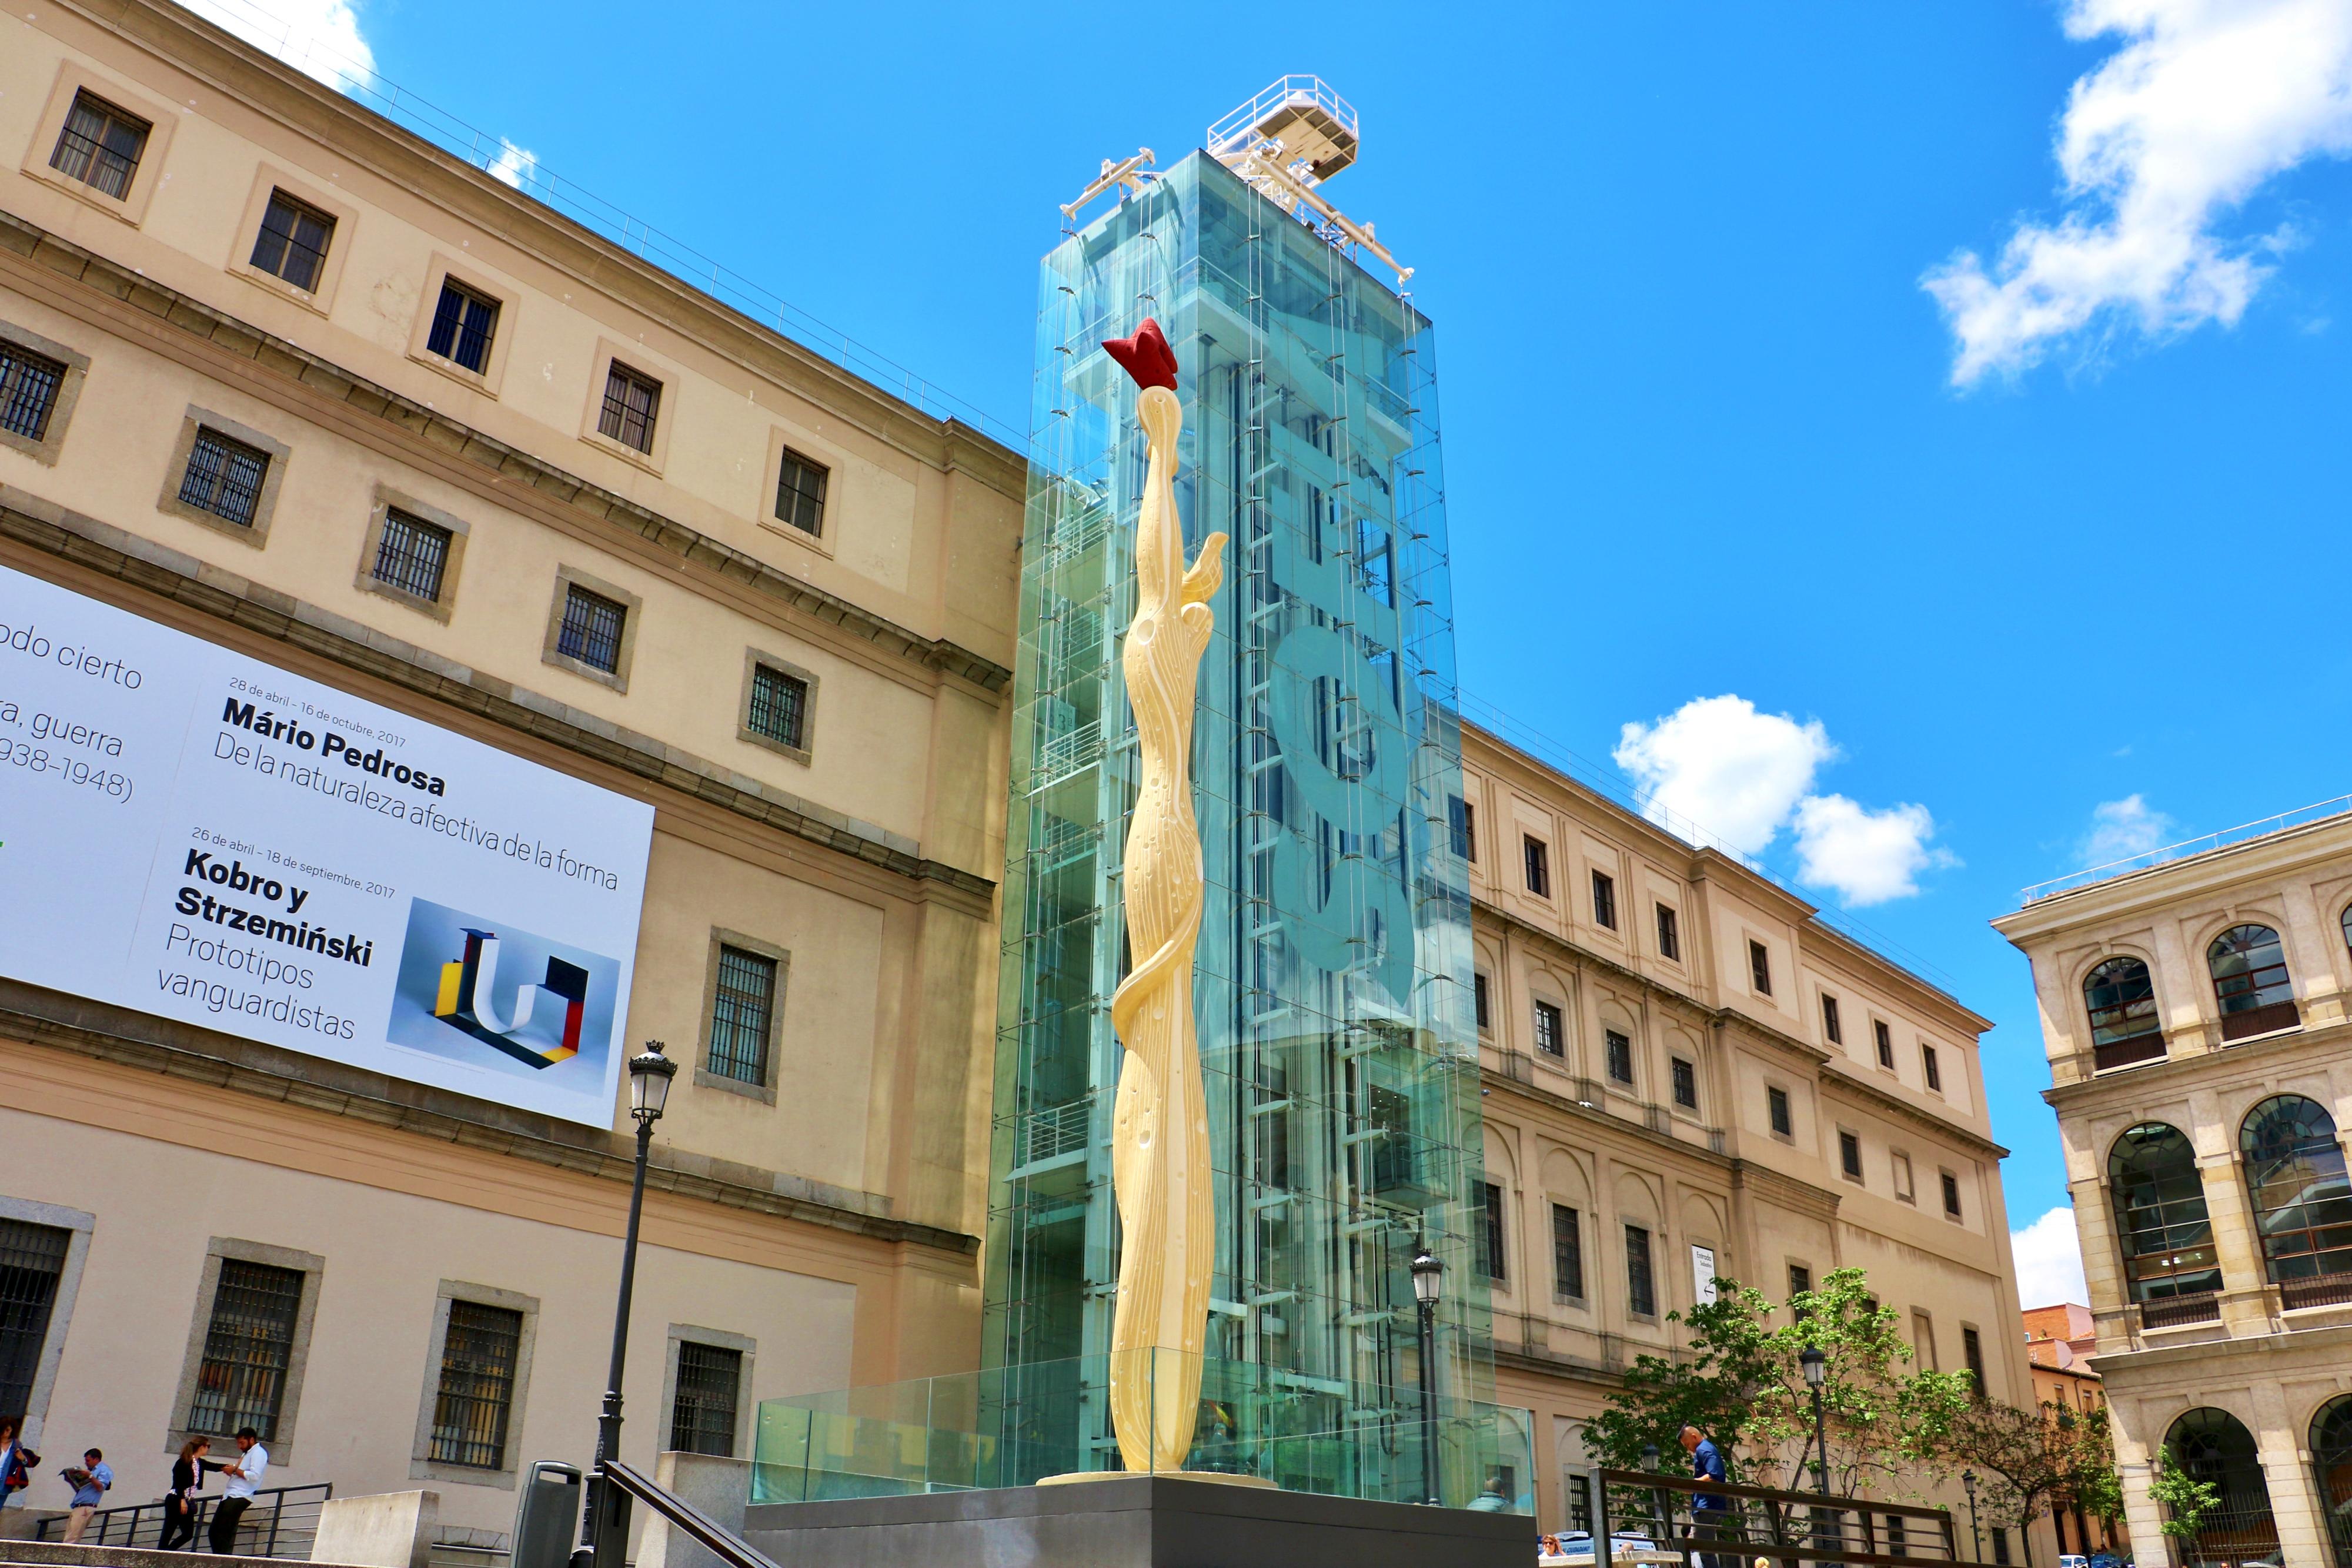 Museo Nacional Centro De Arte Reina Sofia Tickets Deals Reviews